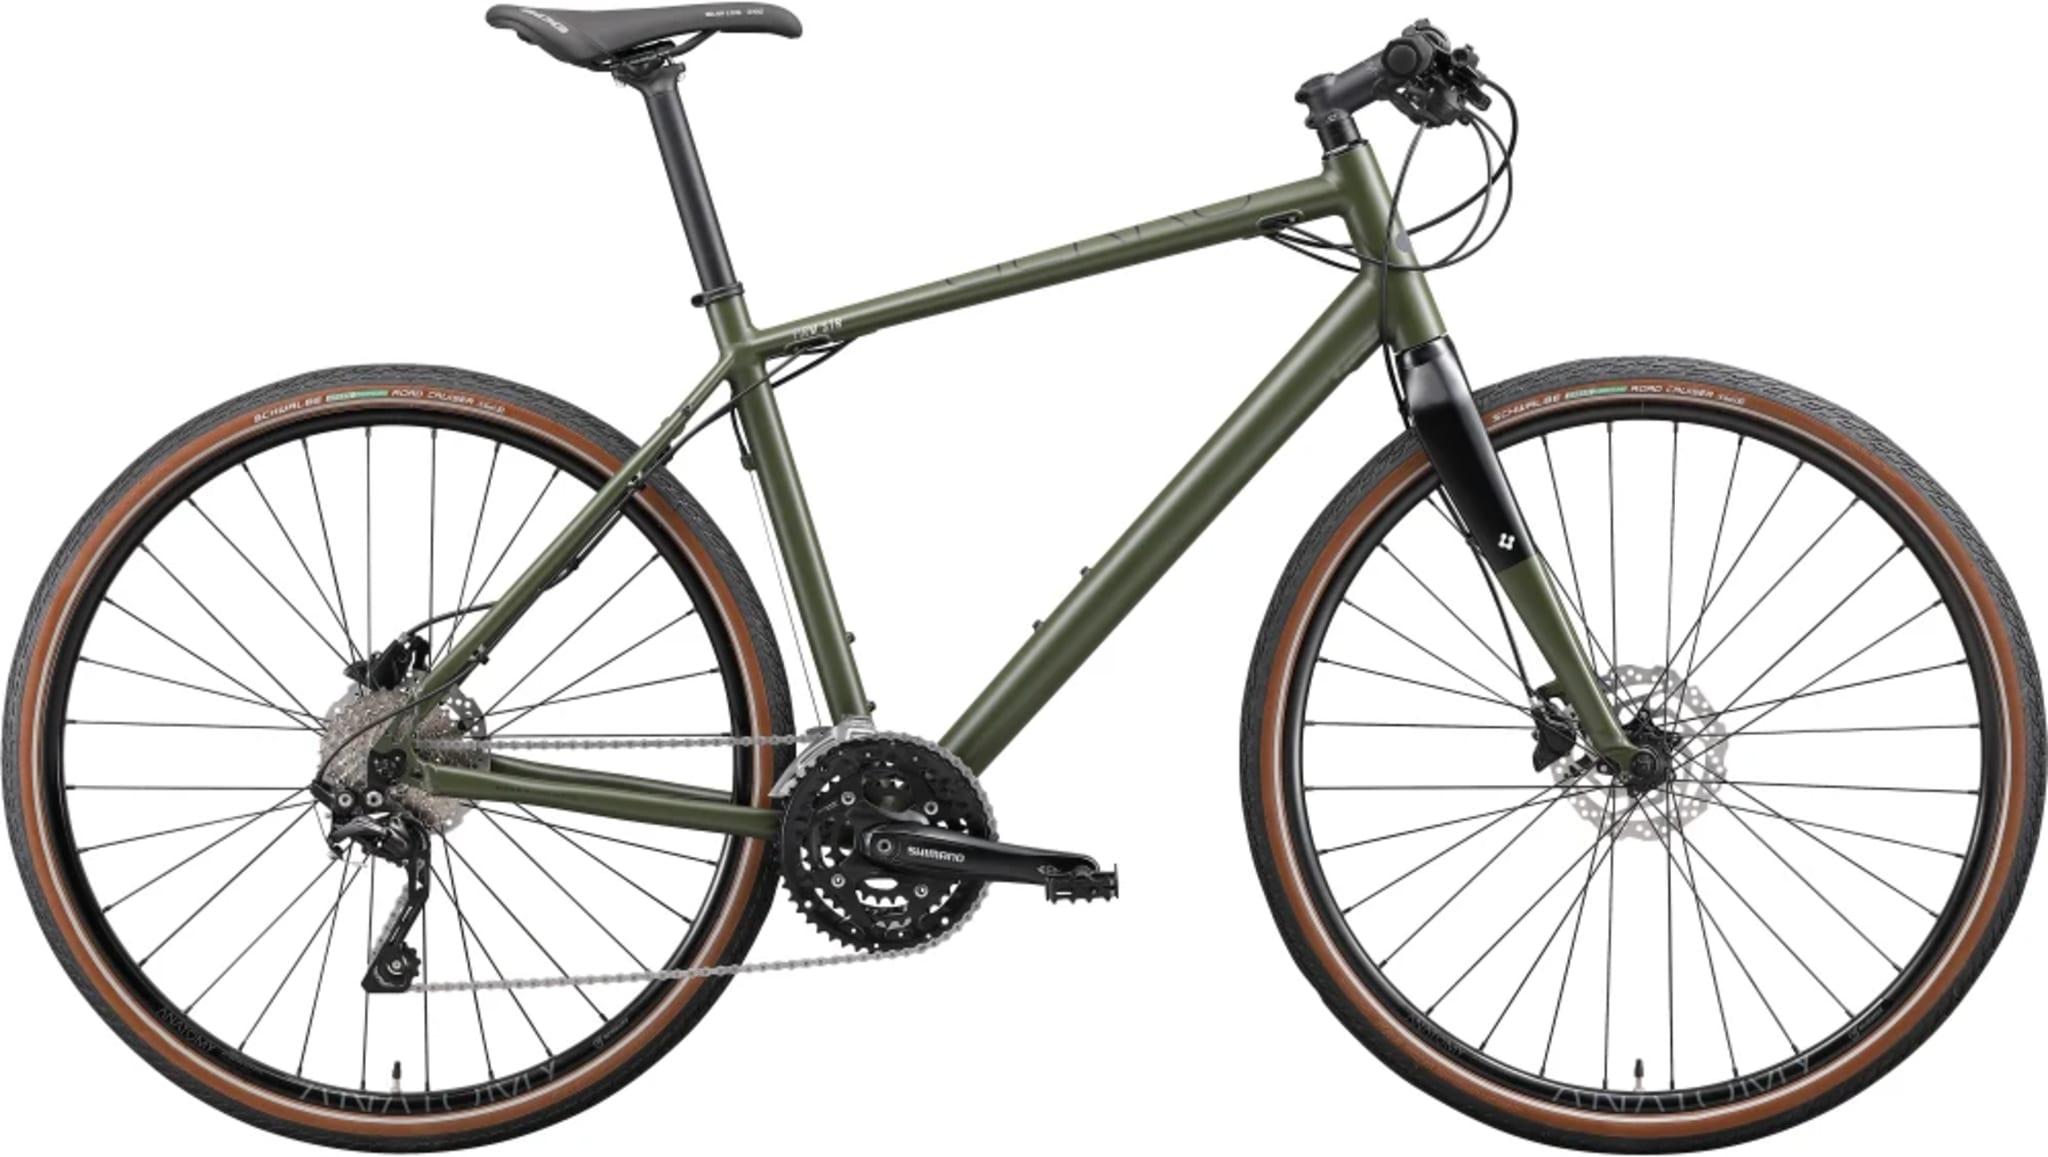 Rask pendler- og treningssykkel for deg som vil sykle langt og fort, men uten å måtte gå veien om en racersykkel med bukkestyre